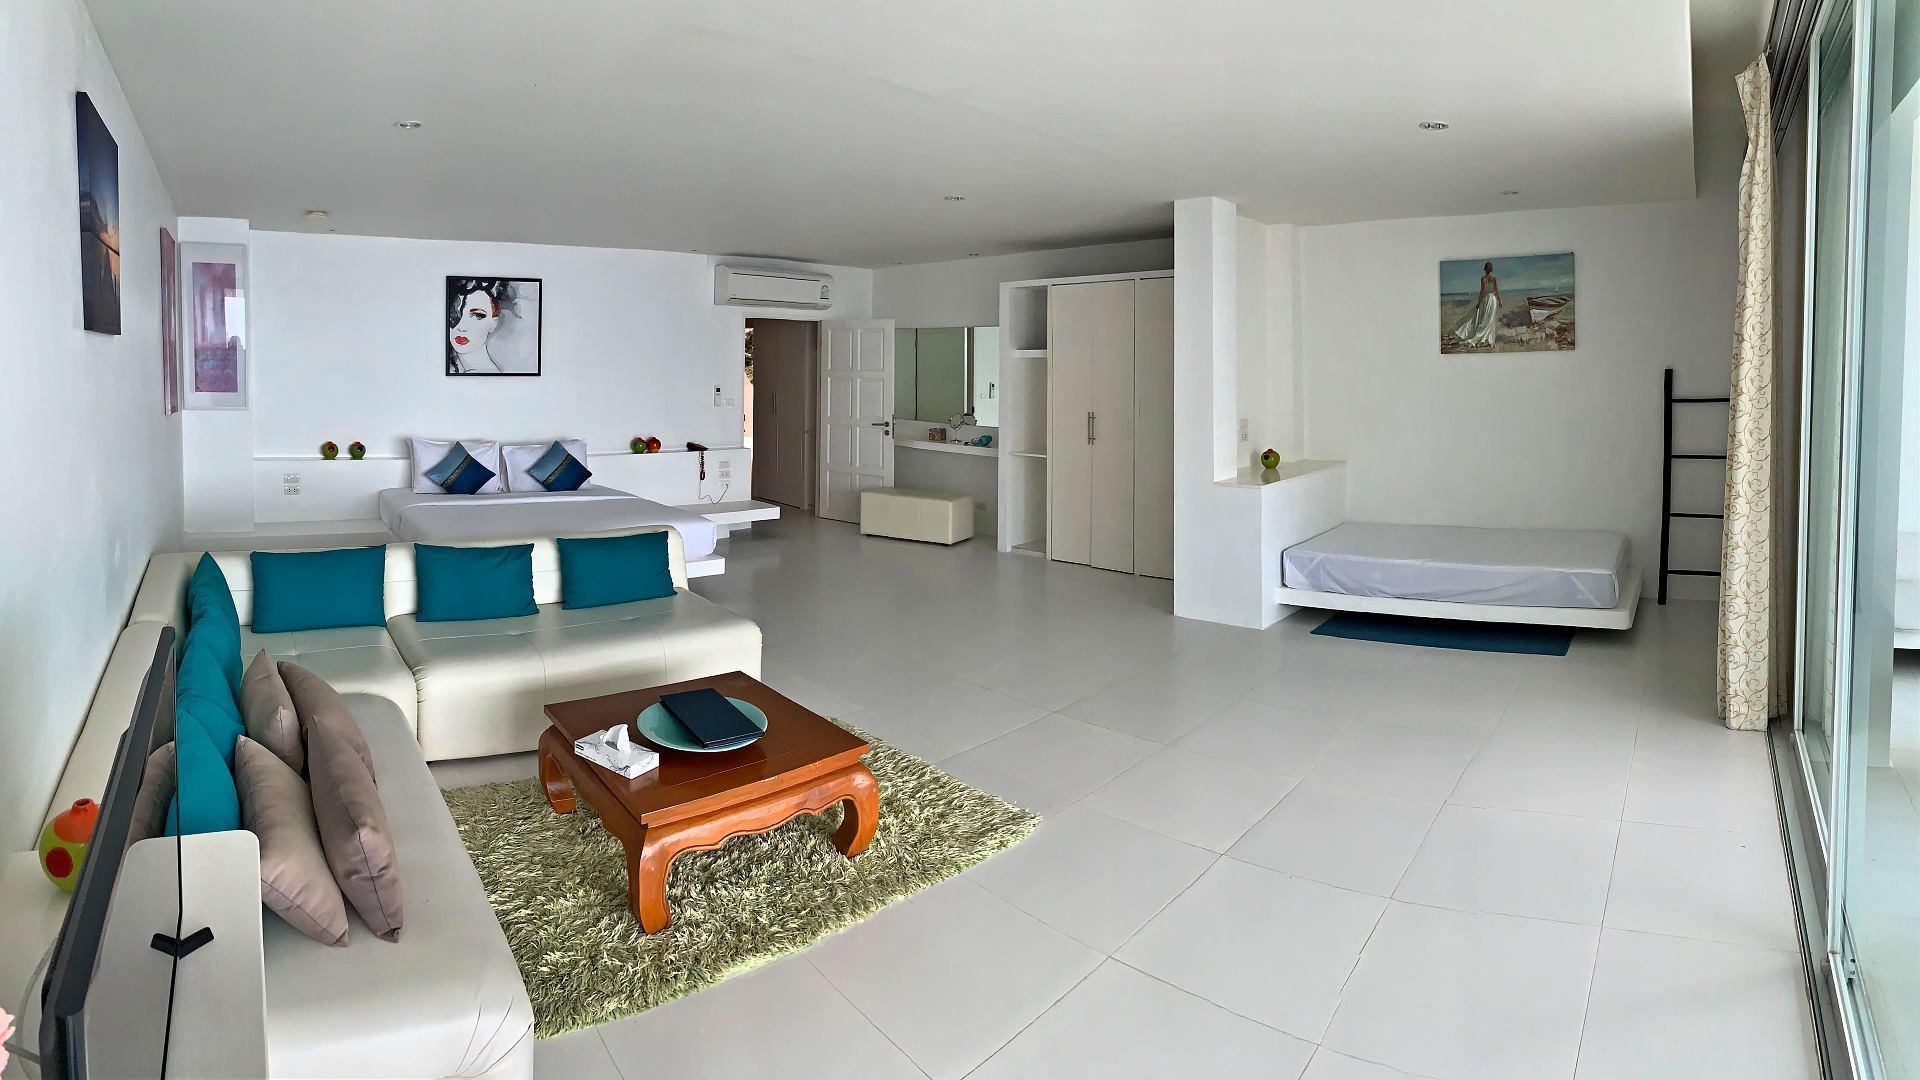 Grand Bleu Kamala Room No.423 วิลลา 2 ห้องนอน 2 ห้องน้ำส่วนตัว ขนาด 350 ตร.ม. – กมลา